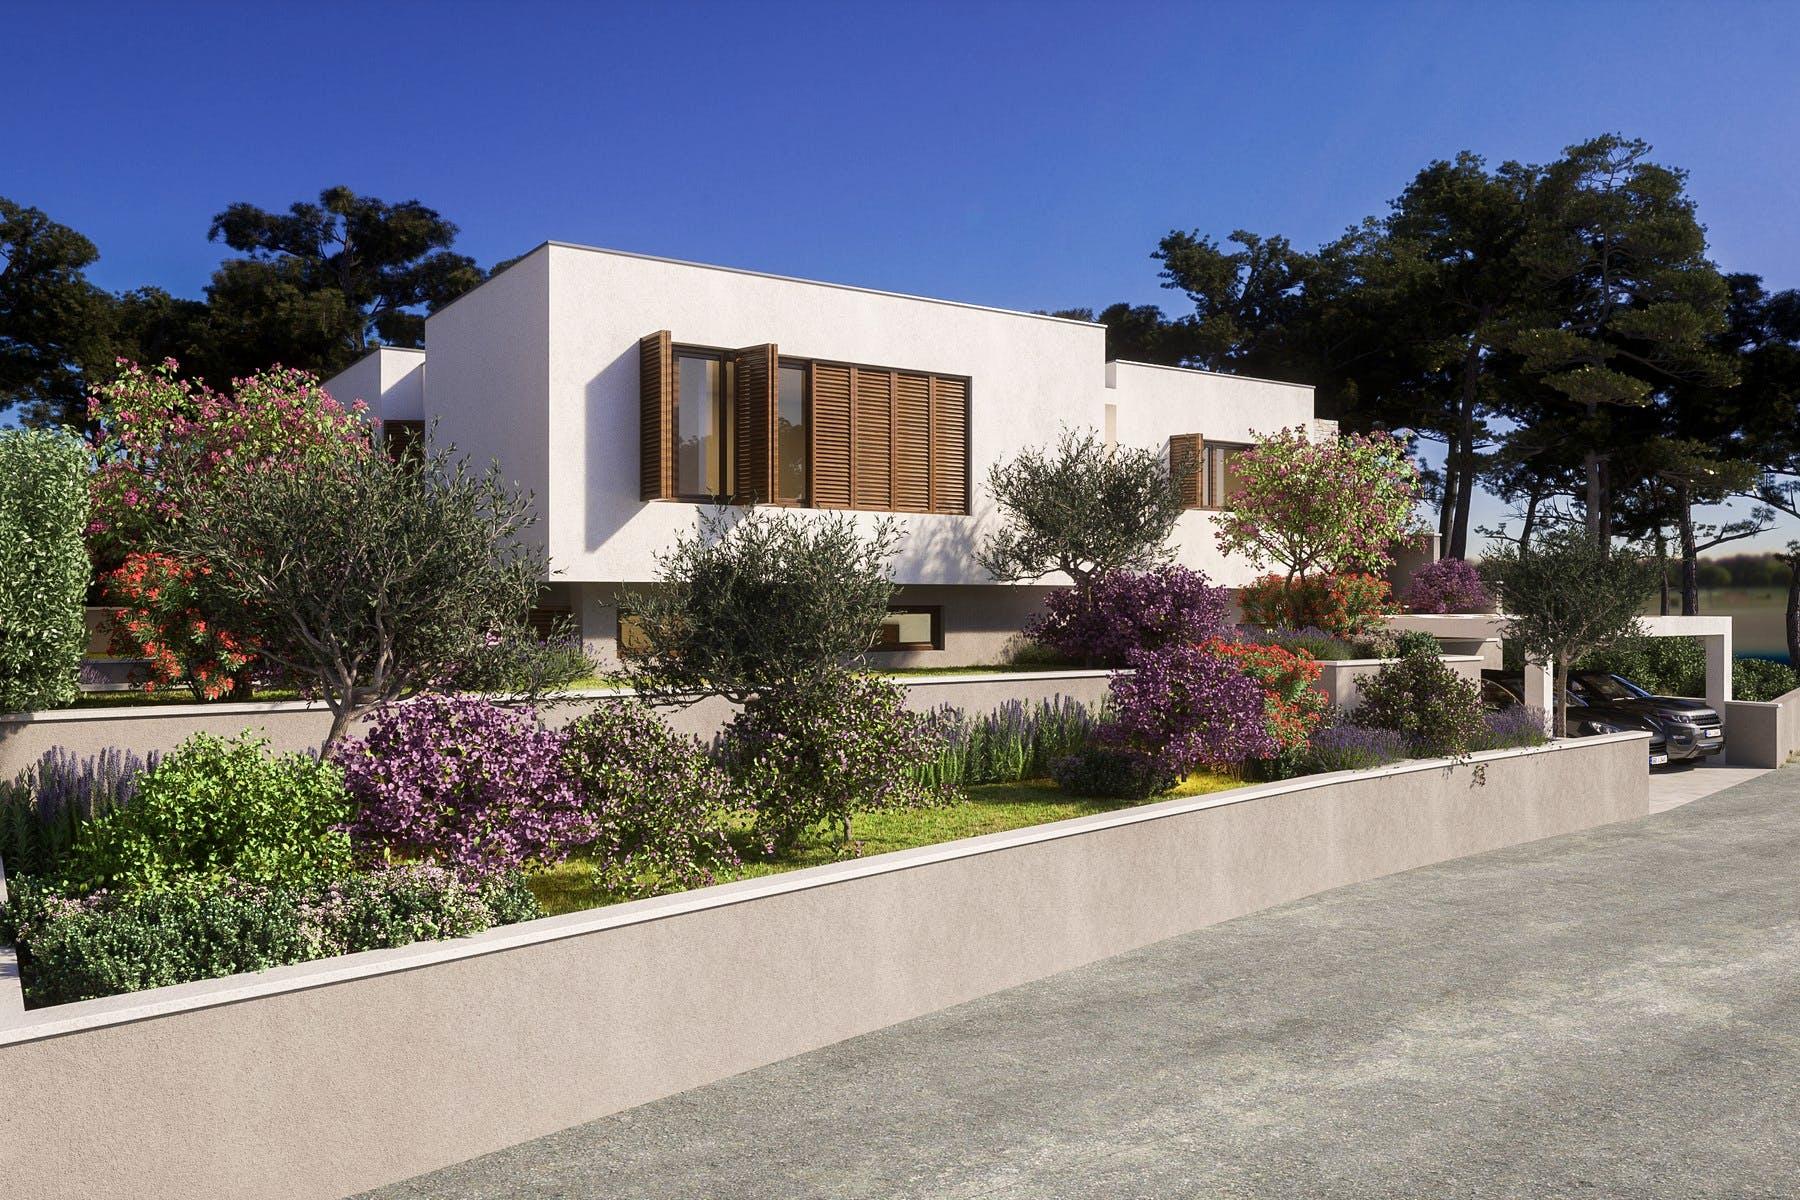 Contemporary villa by the sea for sale